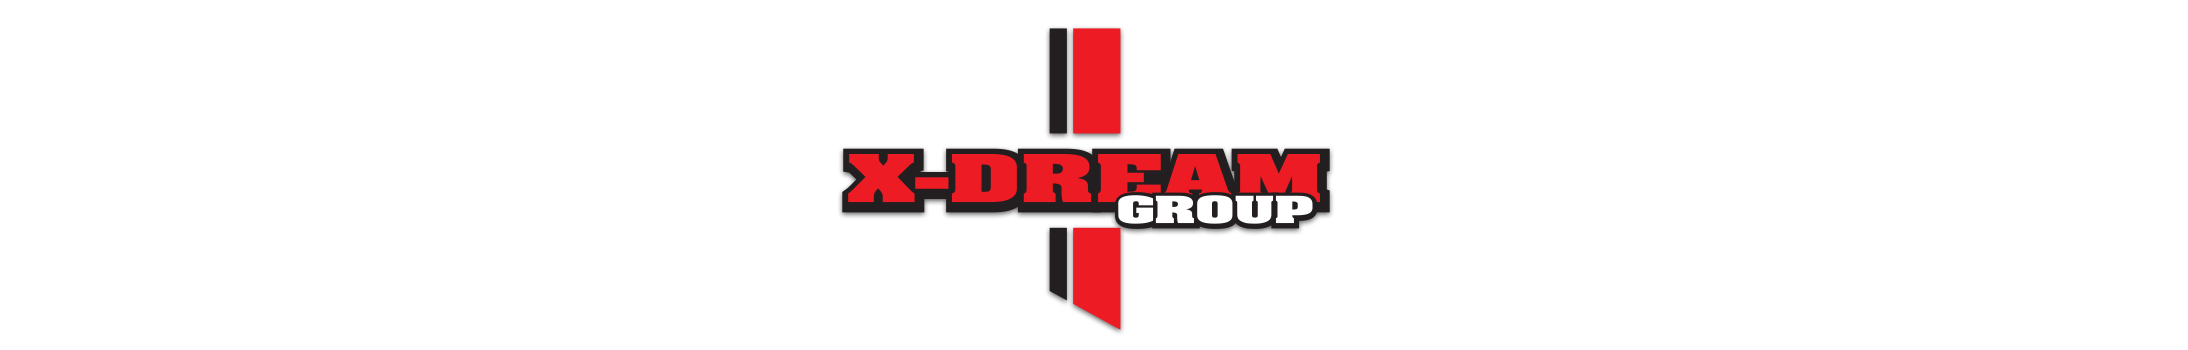 X-Dream Group